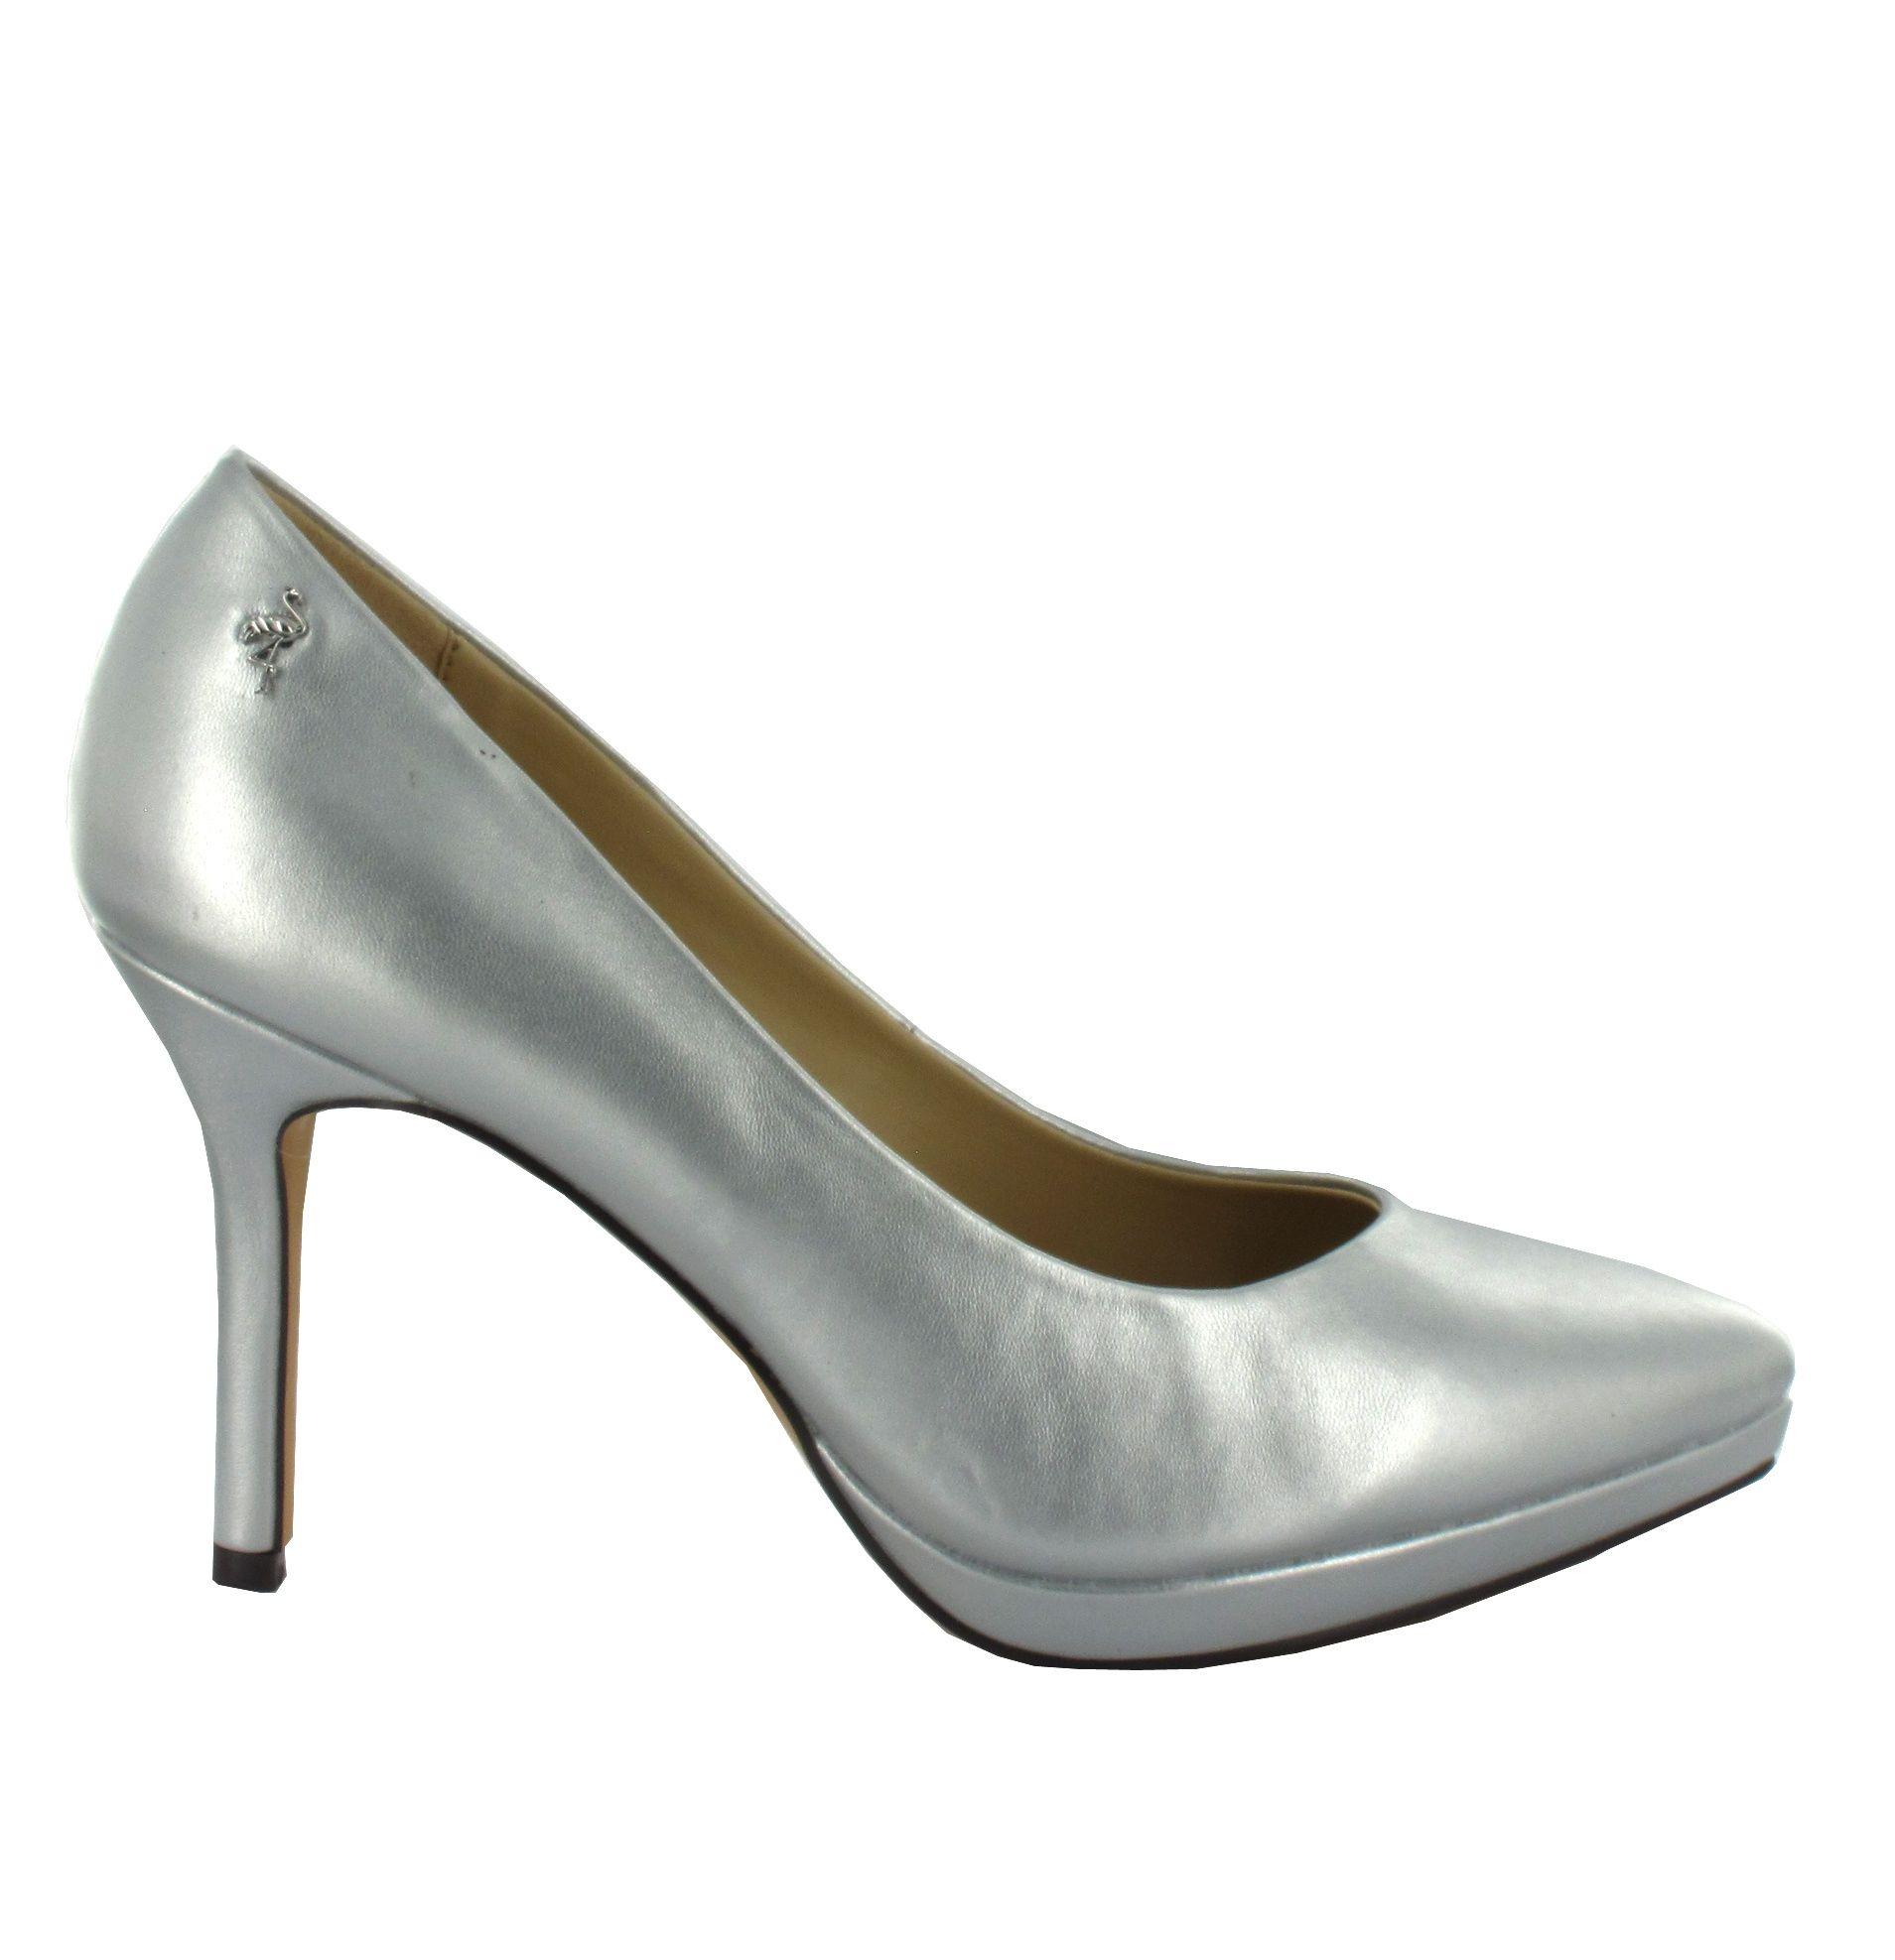 Zapato de piel en tono Plateado con plataforma y tacón fino. Muy cómodos y elegantes. Ref. 6813  //Leather platform shoes in Silver color, with a slim heel. Very comfy and elegant. Ref.6813